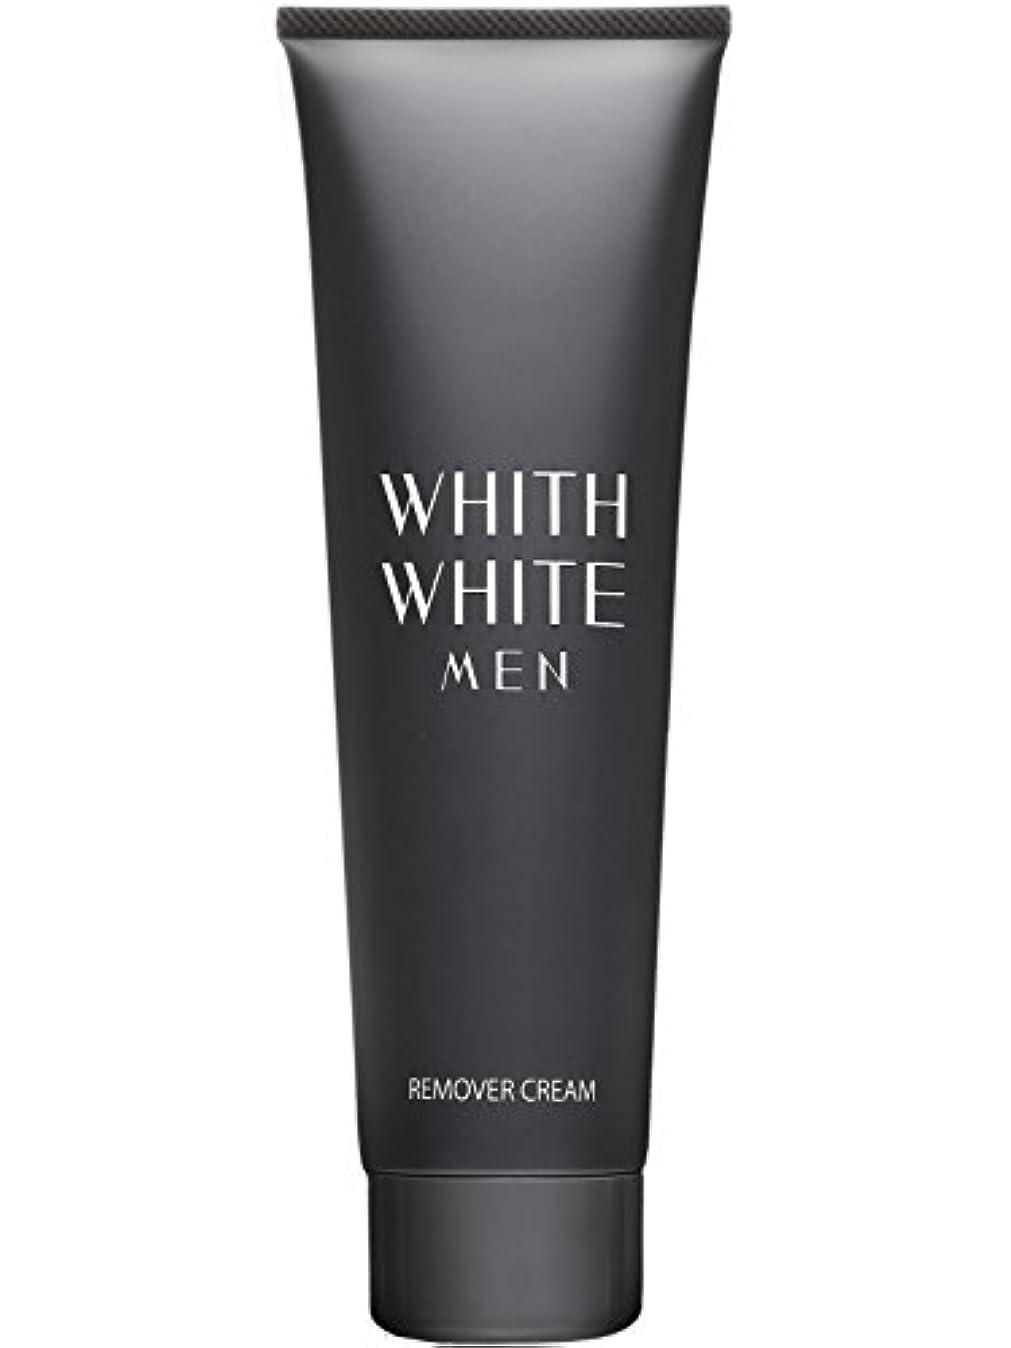 もっと少なくパック計算する医薬部外品 フィス ホワイト メンズ 除毛クリーム リムーバークリーム 陰部 使用可能 210g